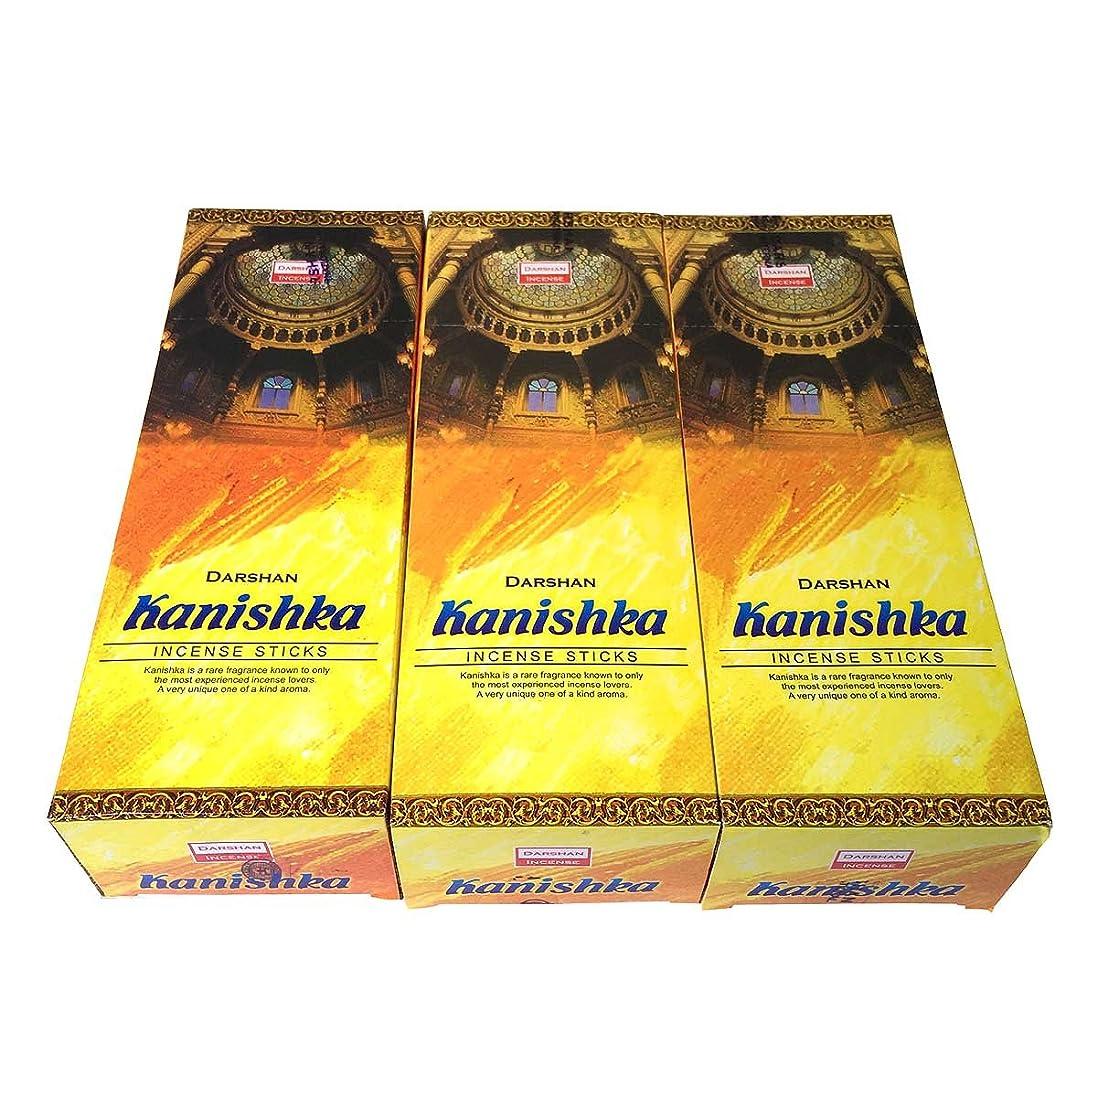 難しいドル薄いカニシュカ香スティック 3BOX(18箱) /DARSHAN KANISHKA/インセンス/インド香 お香 [並行輸入品]